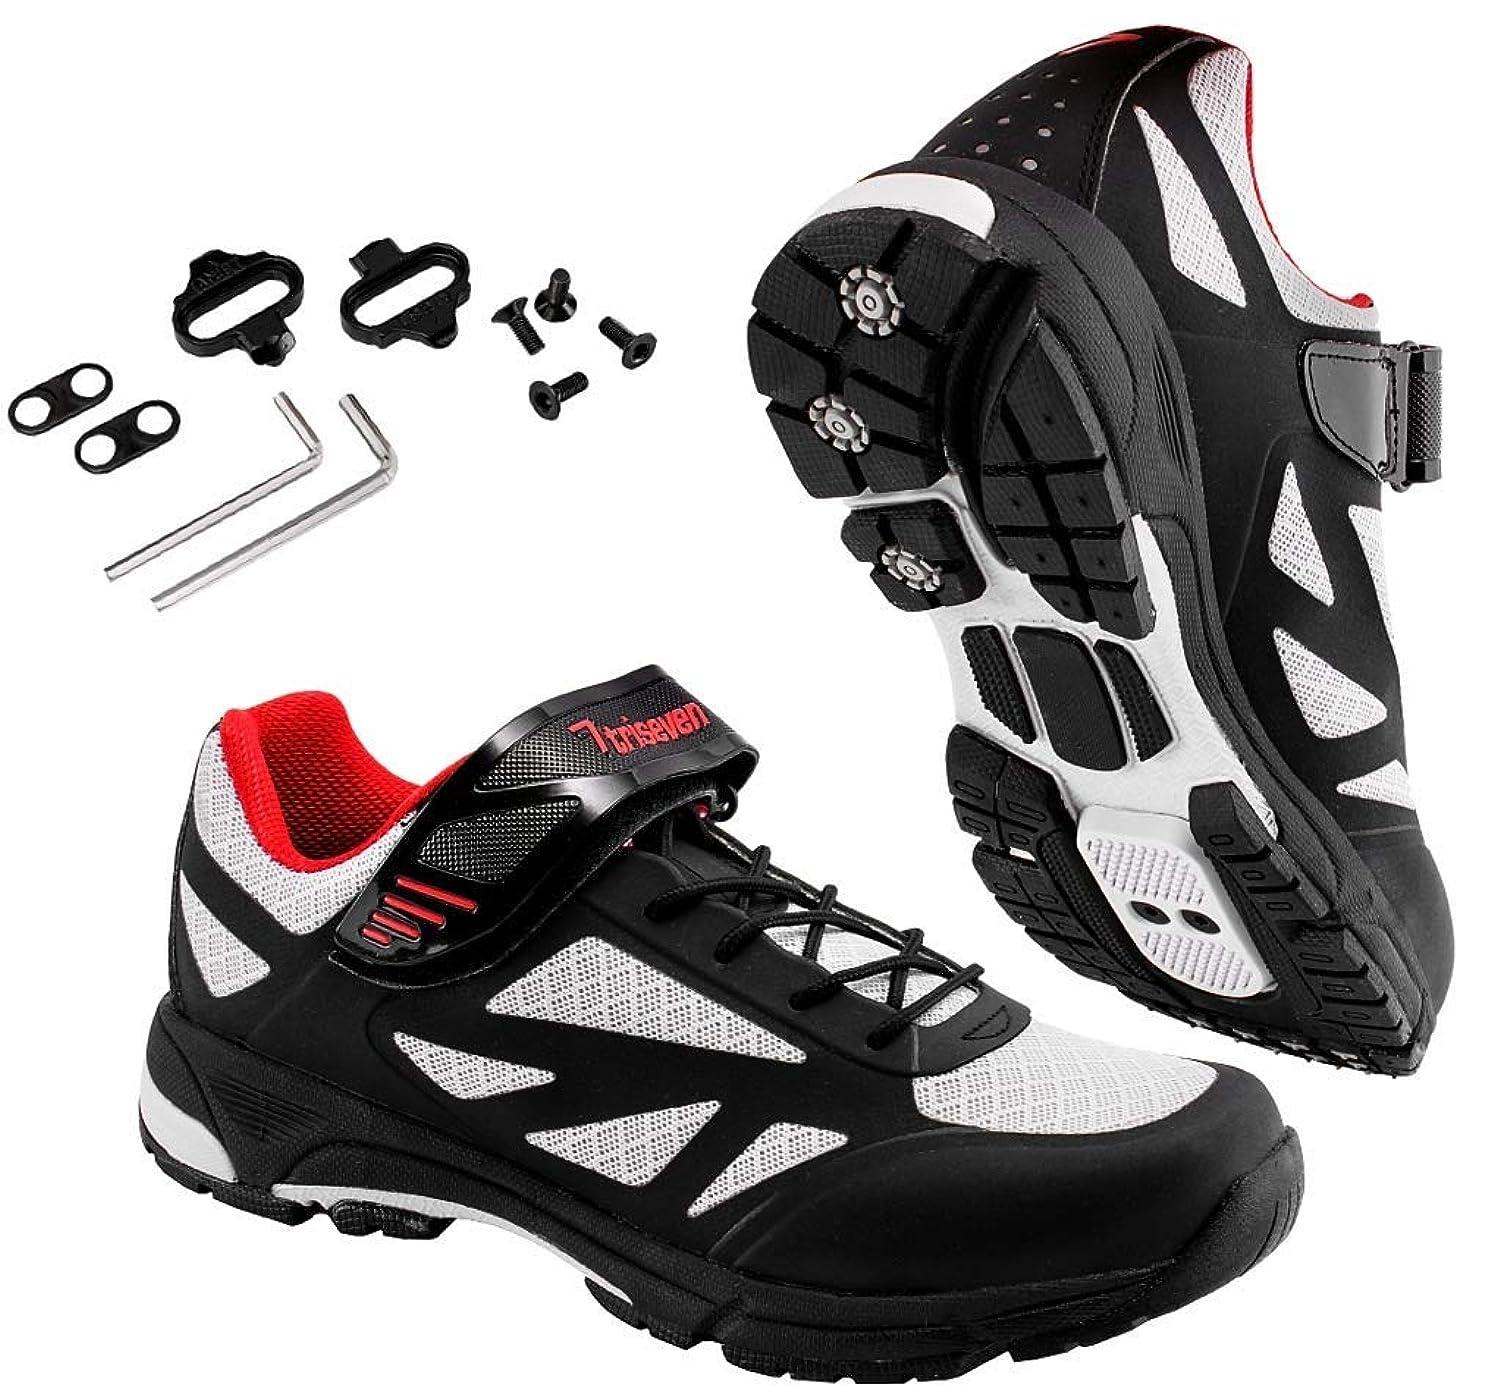 TriSeven Mountain MTB Shoes